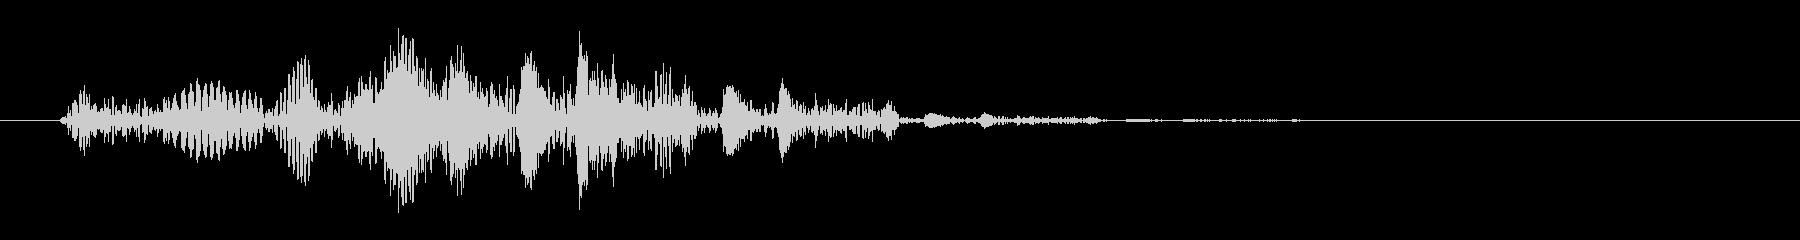 ポップアップ_決定音系_08の未再生の波形